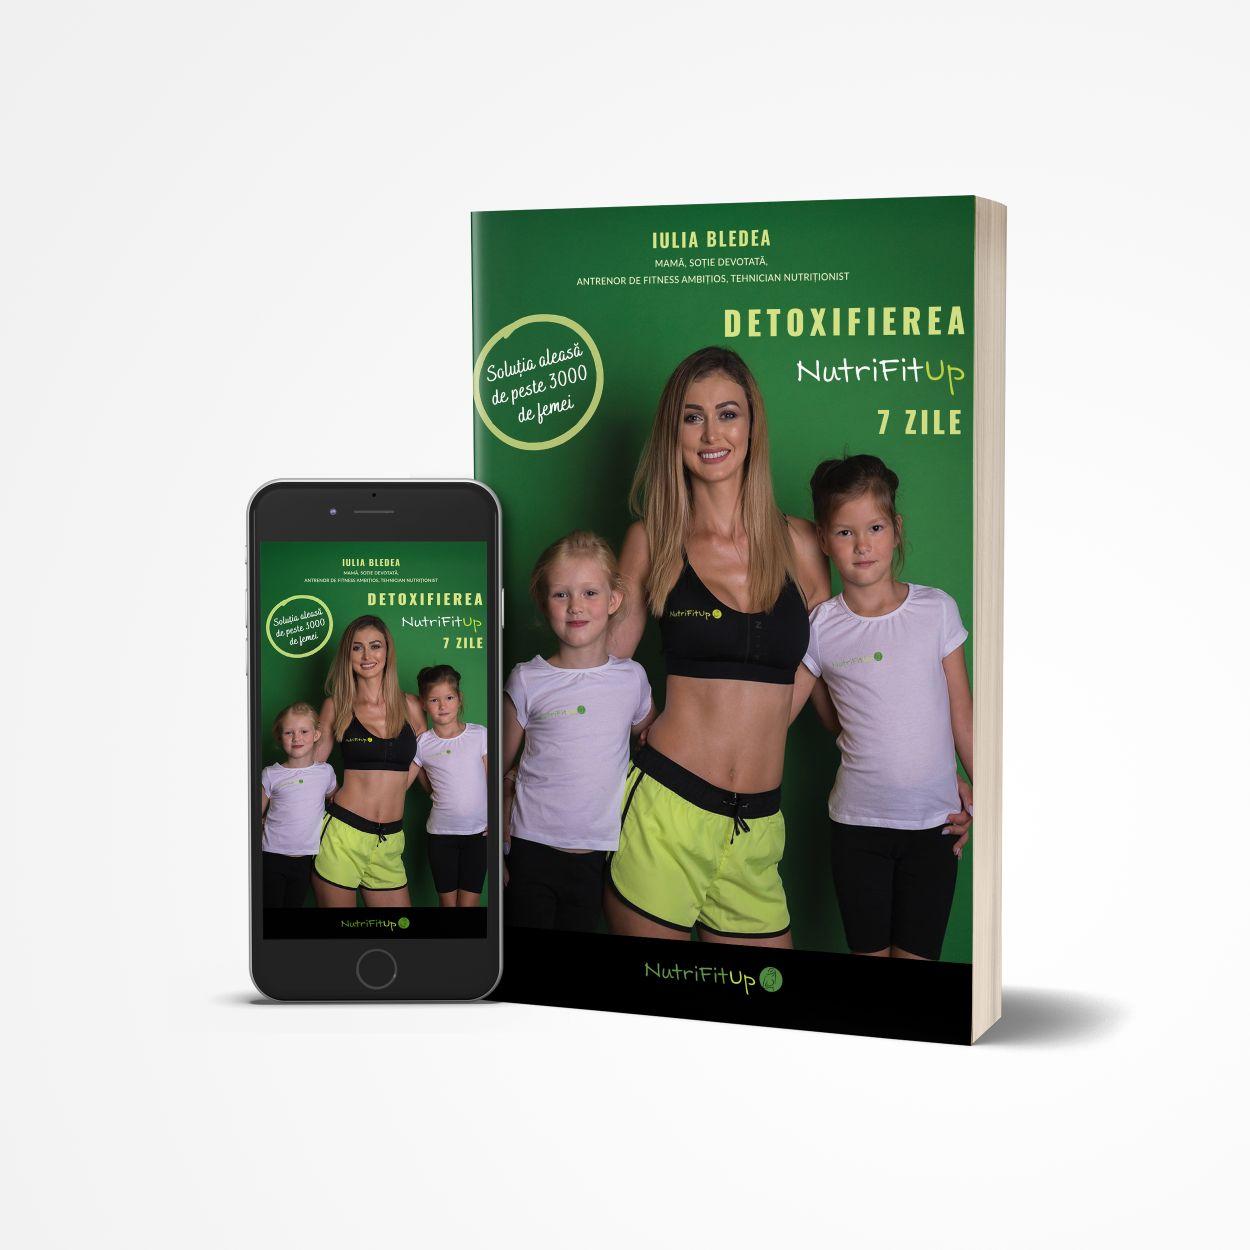 eBook Detoxifierea NutriFitUp - 7 Zile